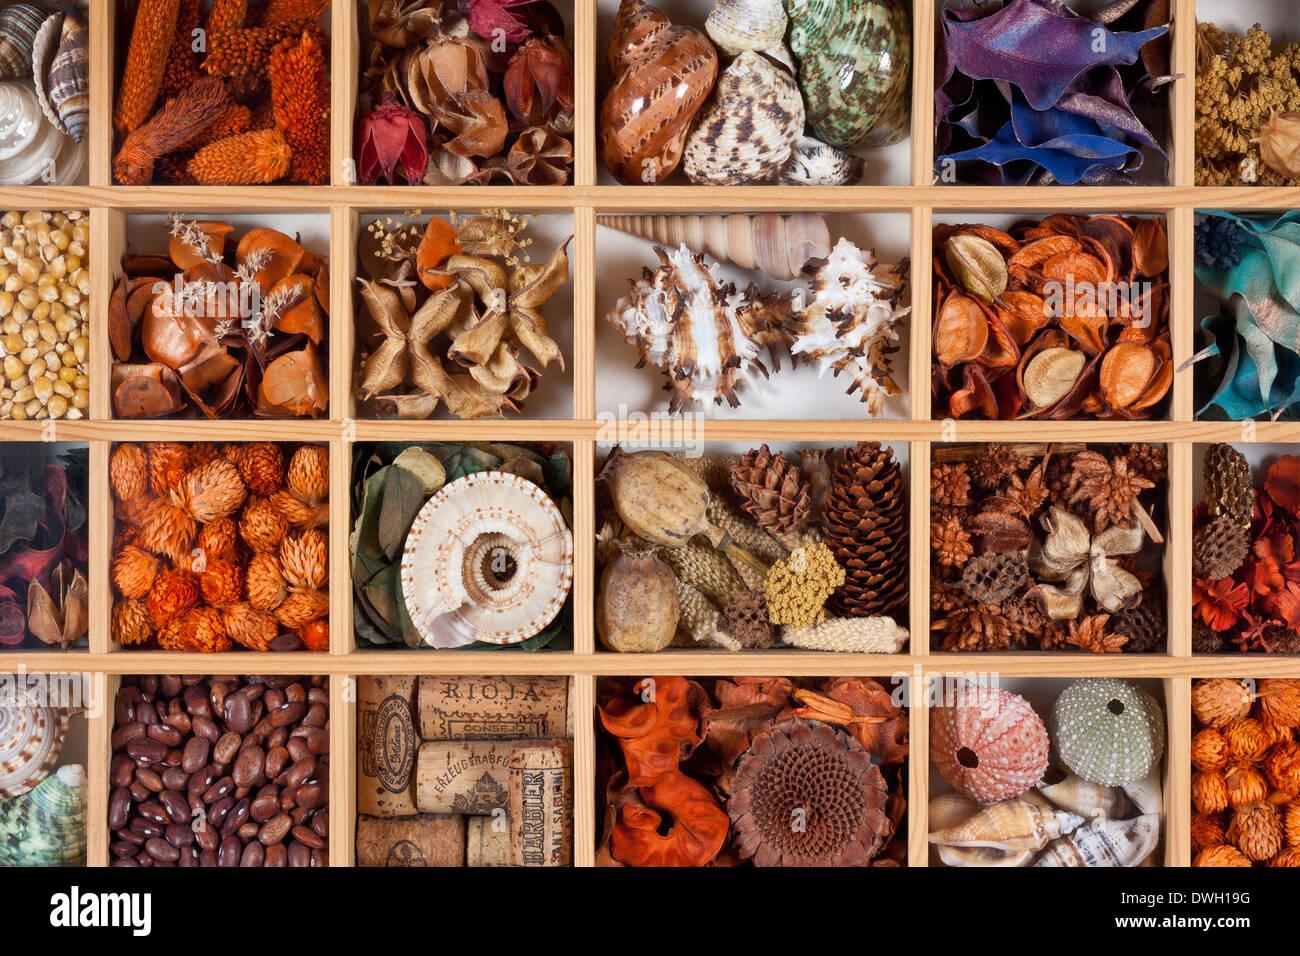 Arts & Crafts - Passe-temps de faire de photo affiche de coquillages, de fleurs séchées, les graines, les bouchons etc. Photo Stock